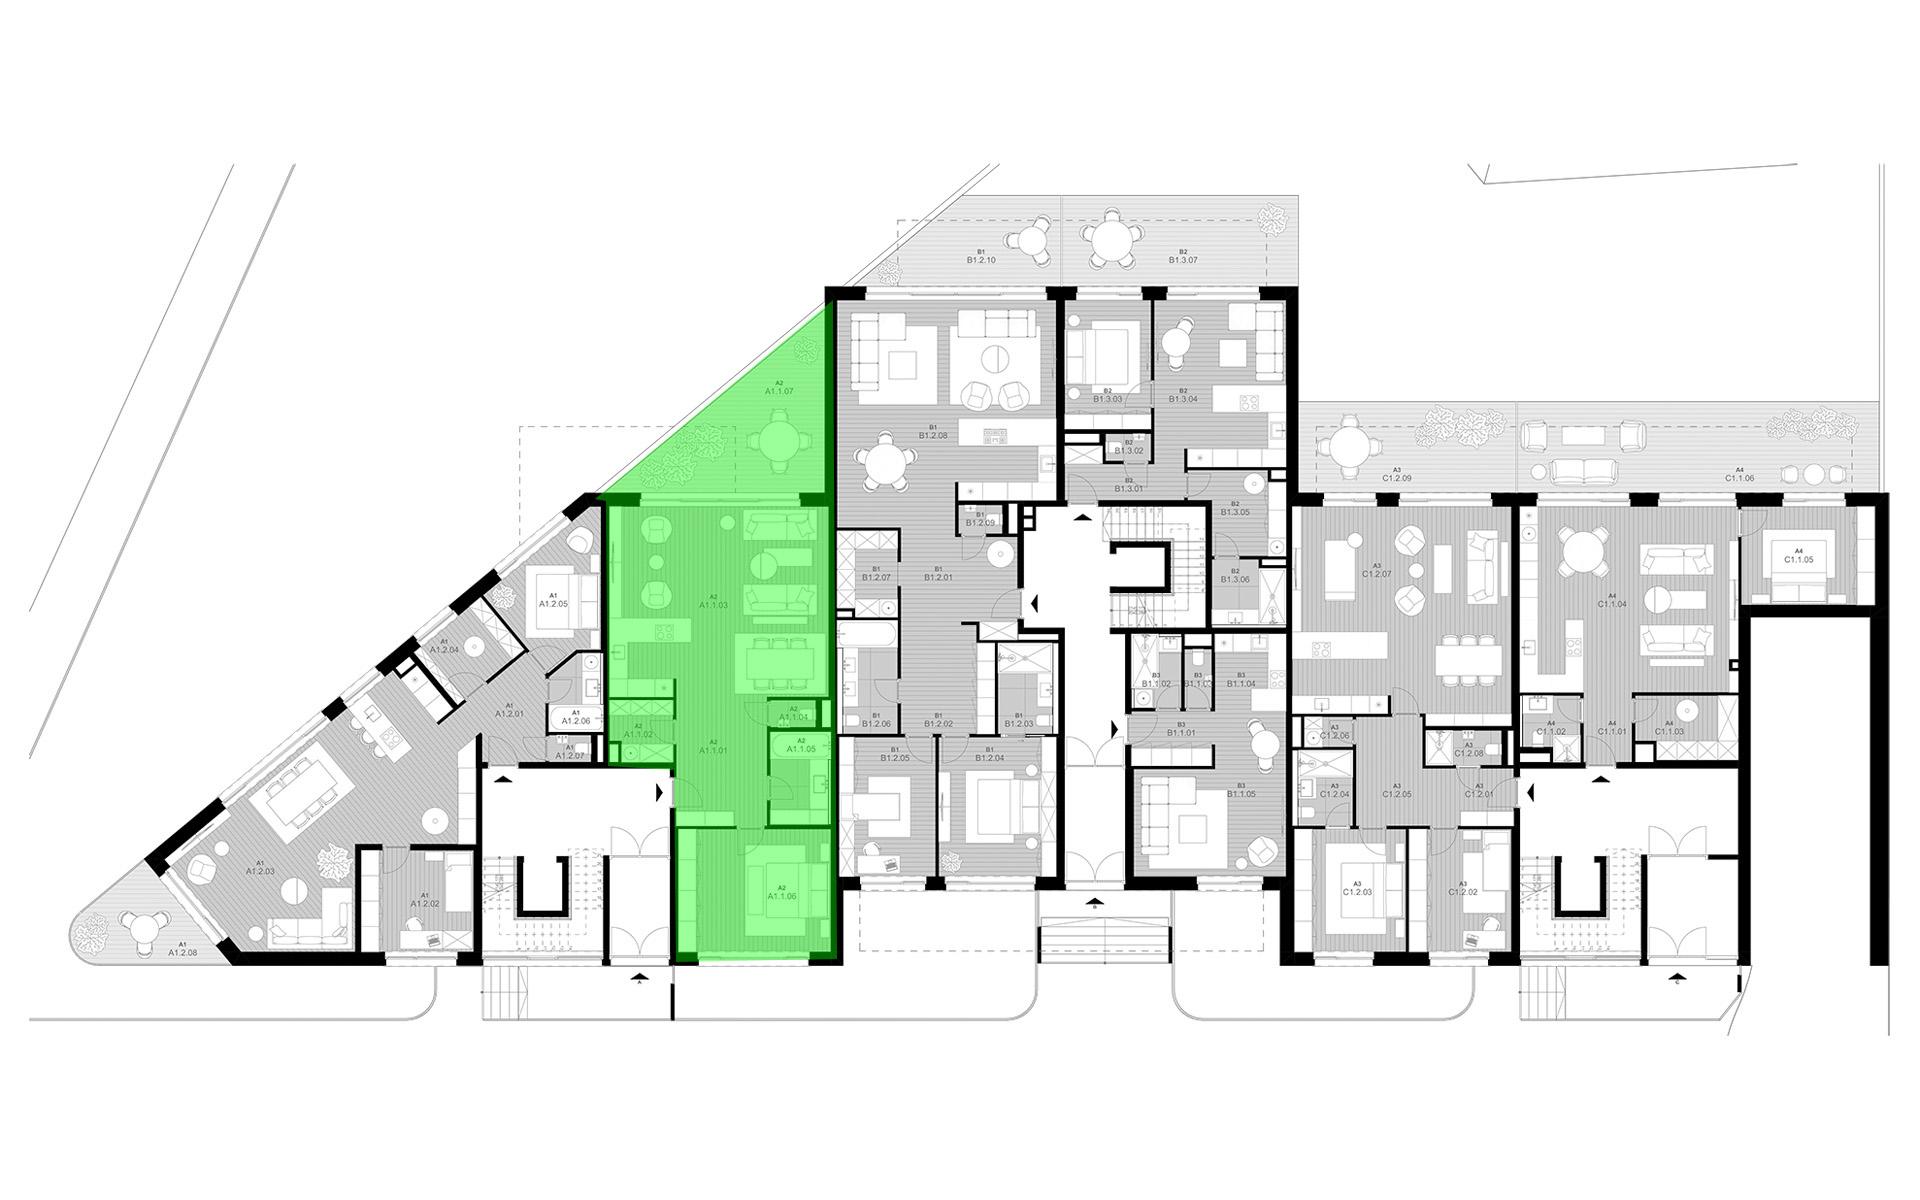 rezidencia K Železnej Studienke - pôdorys so zvýraznením apartmánu A1.1